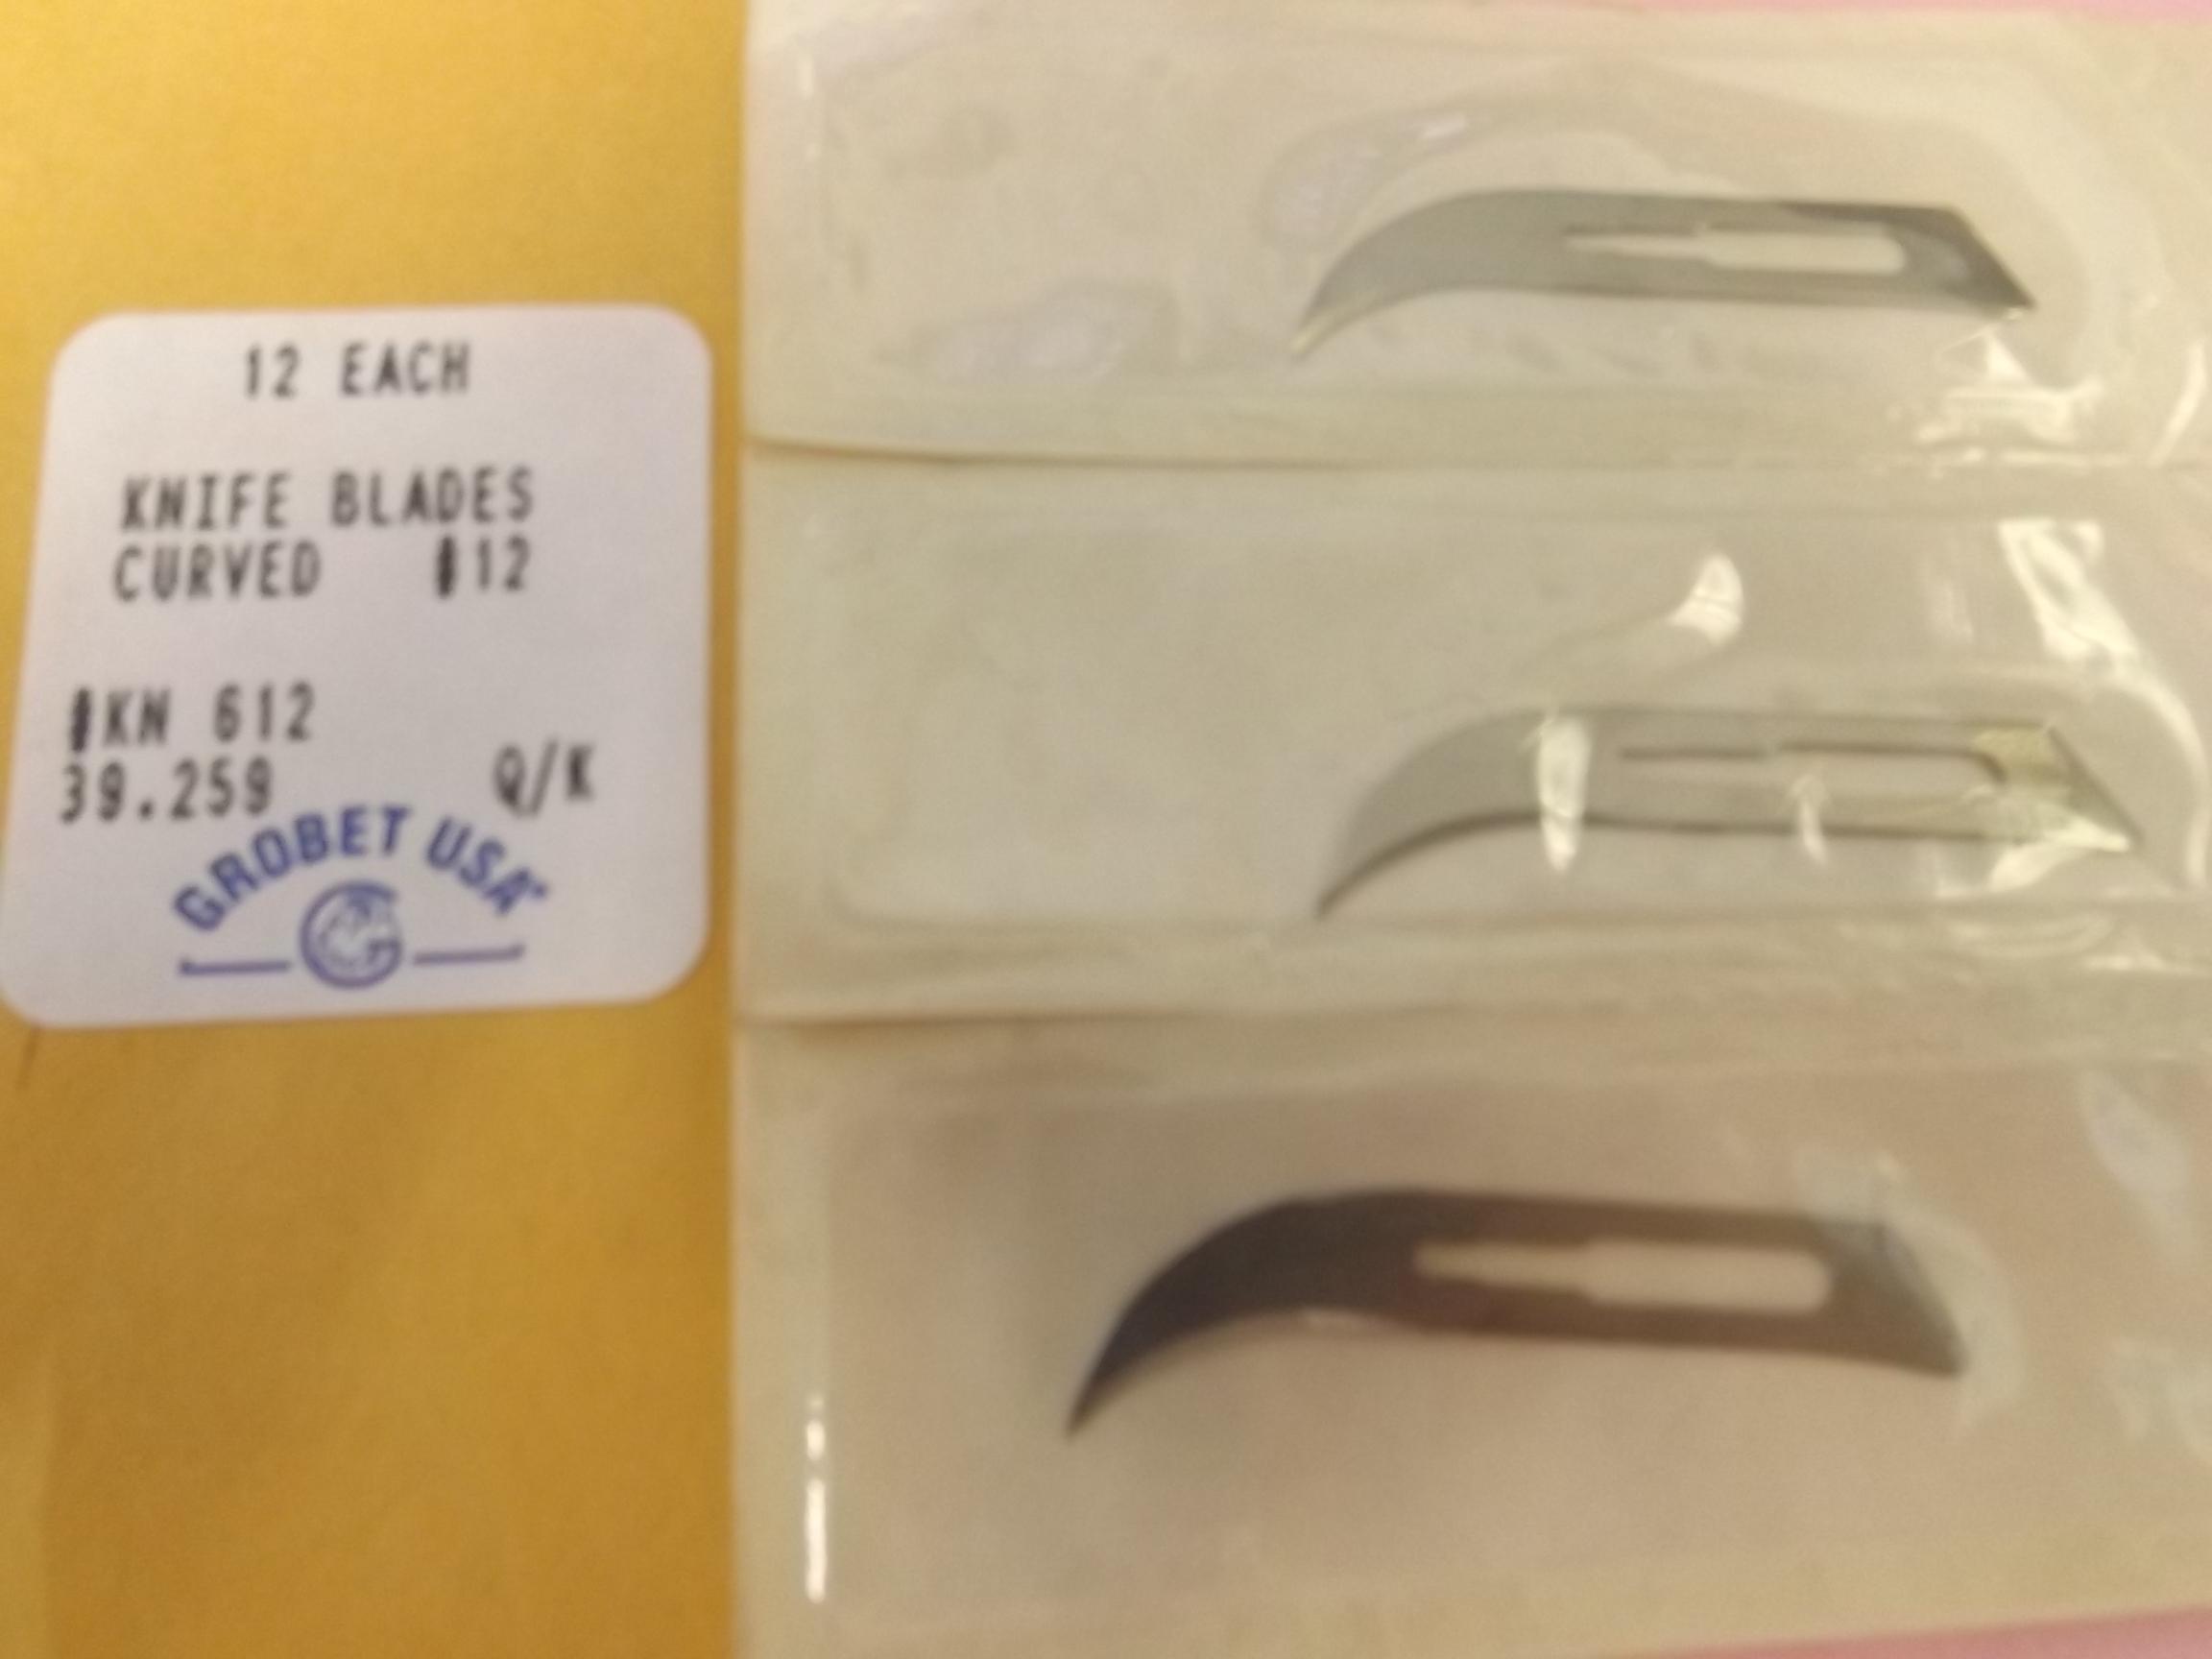 KN612 Knife Blades- #12- Curved- Dozen pkg- Discontinued item Grobet #39.259